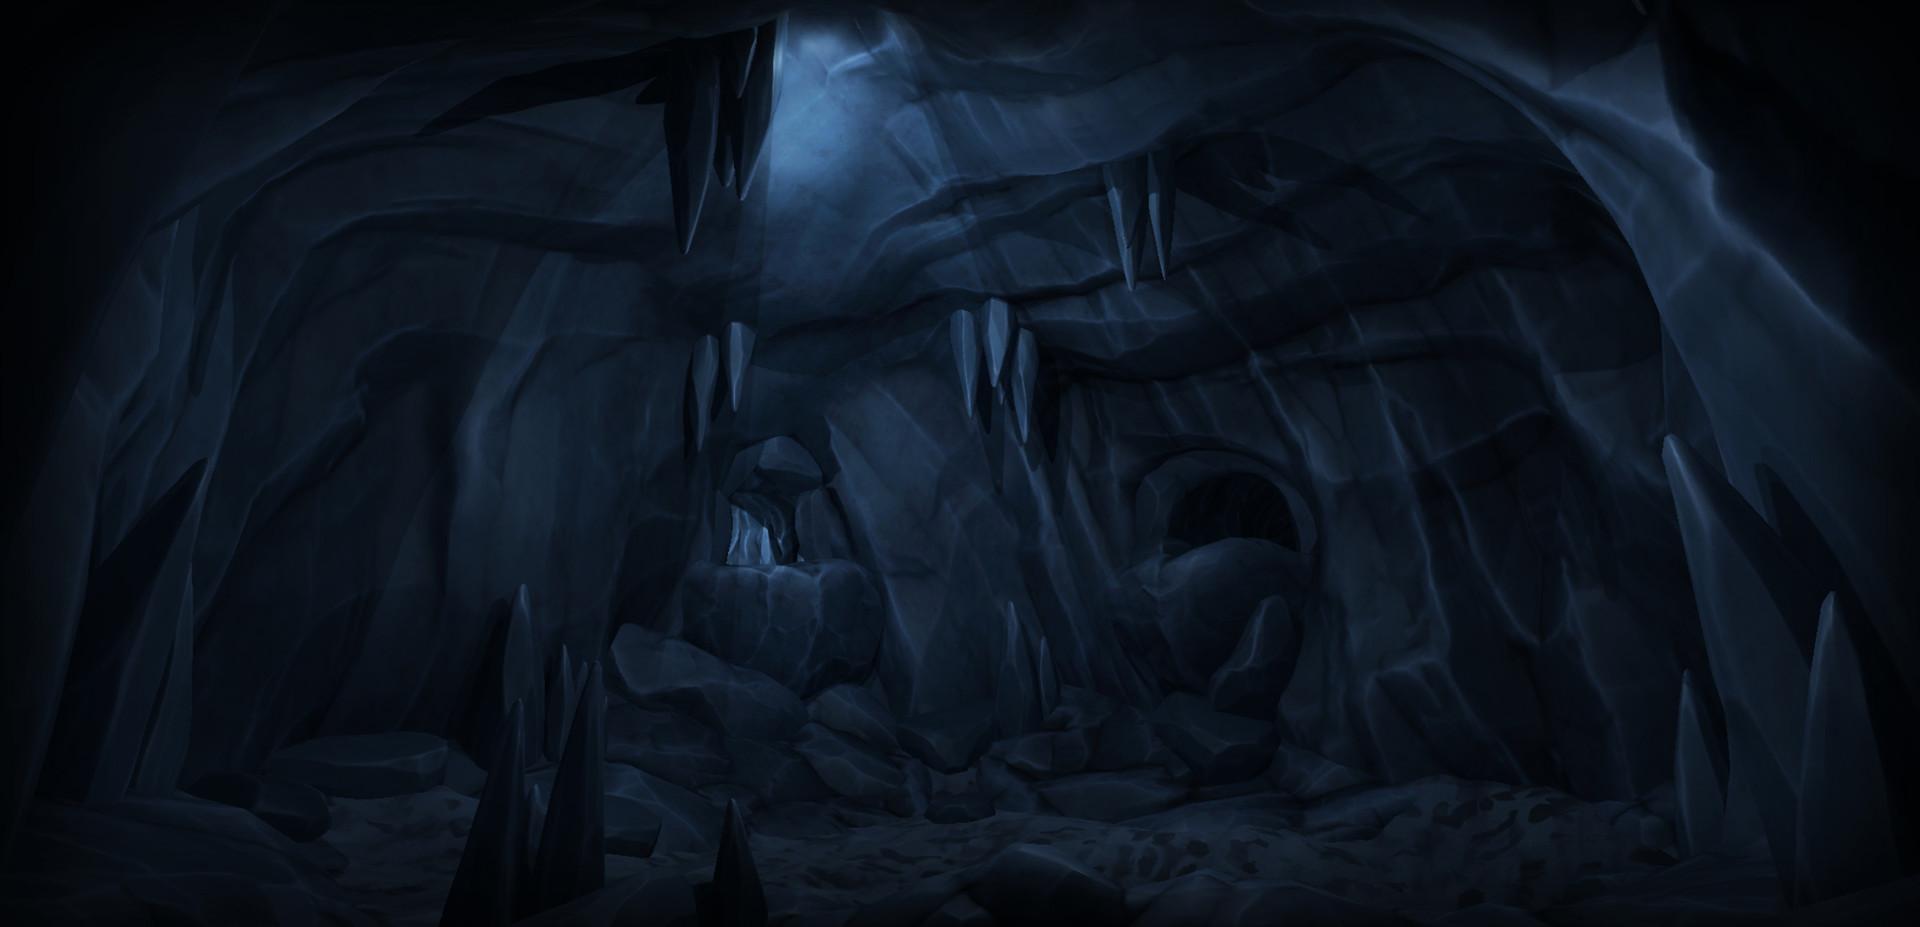 Robert max ramirez cave2